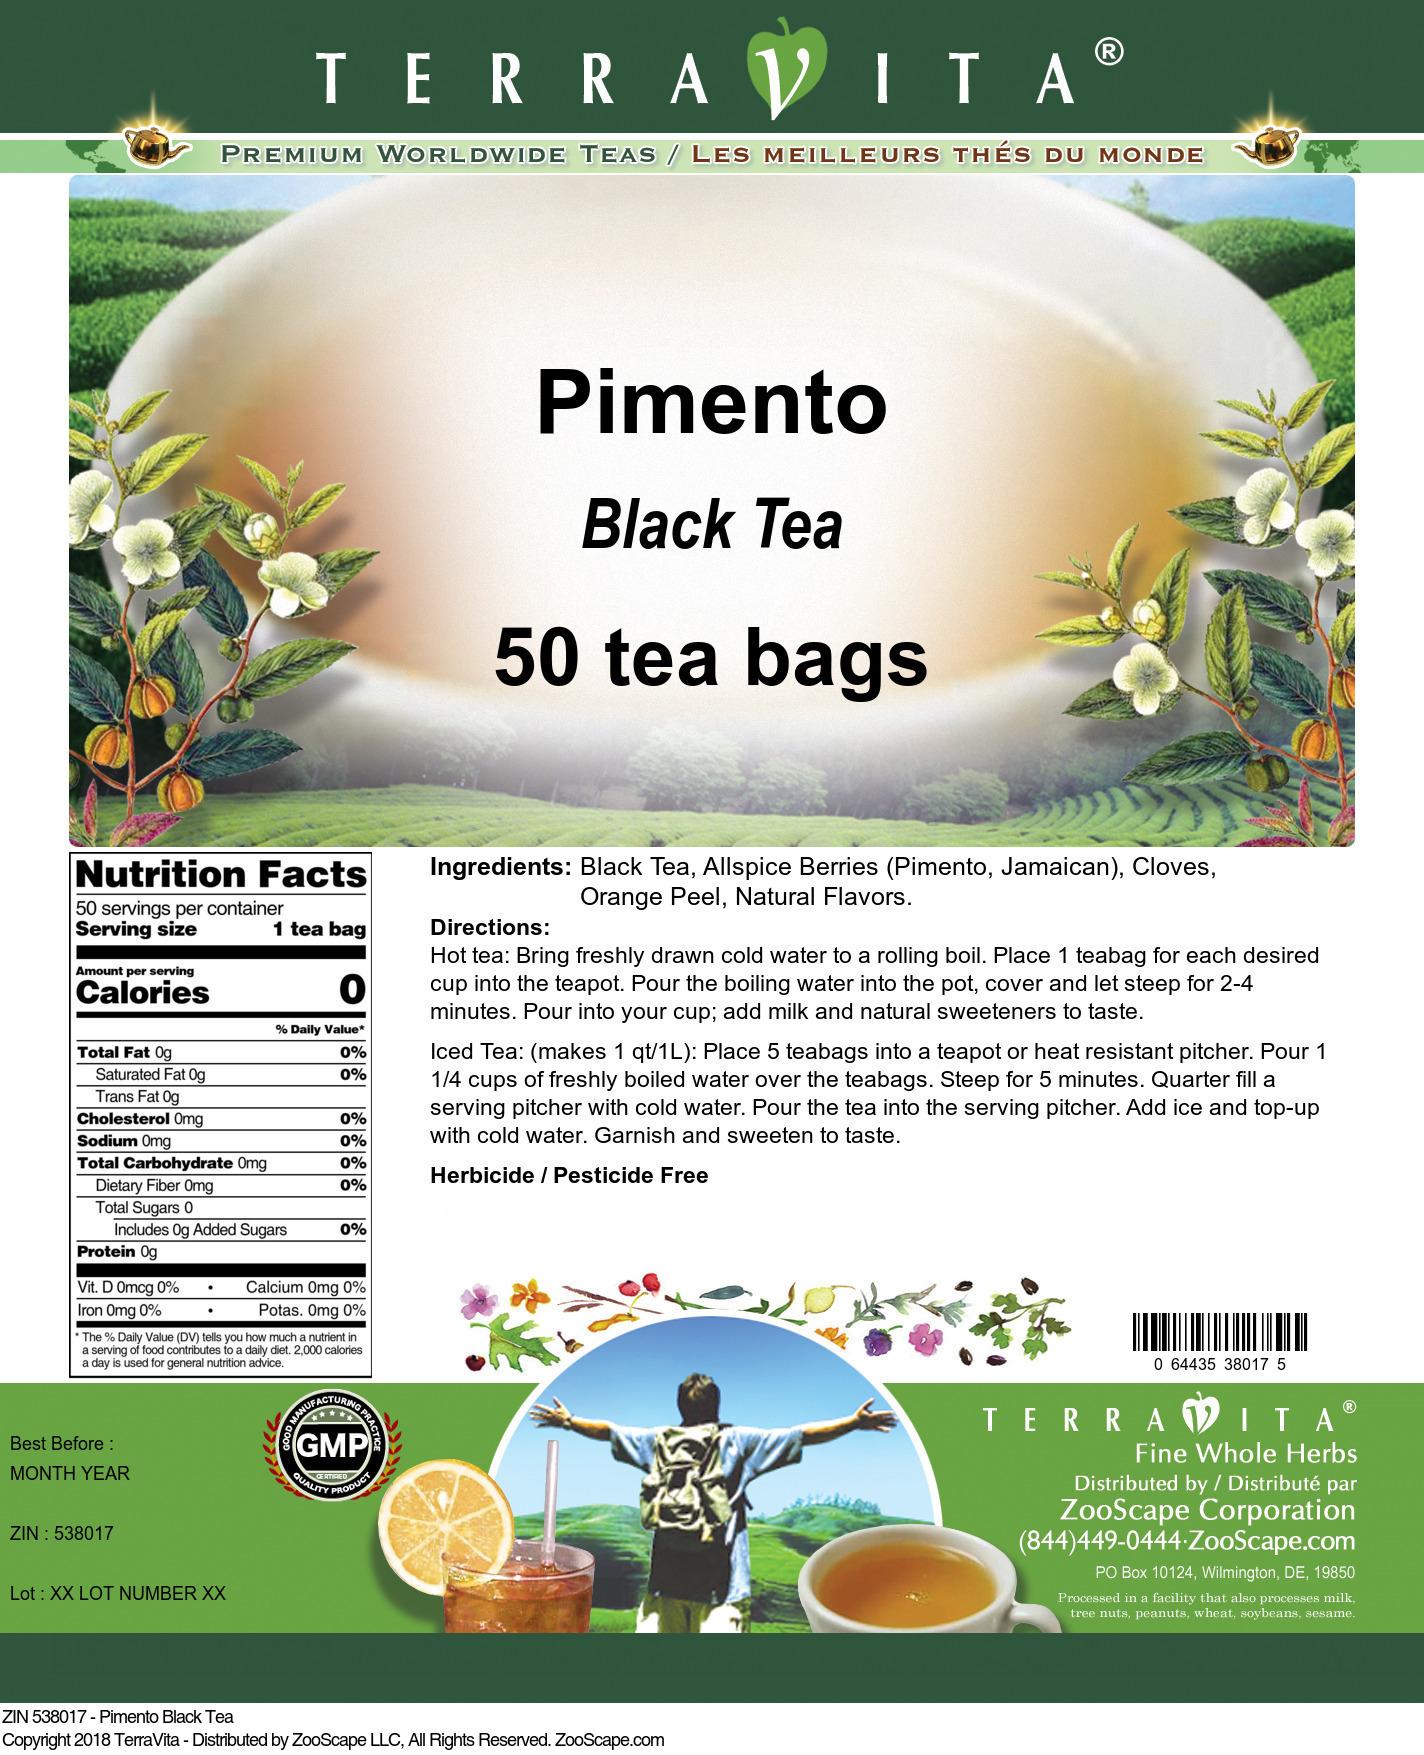 Pimento Black Tea